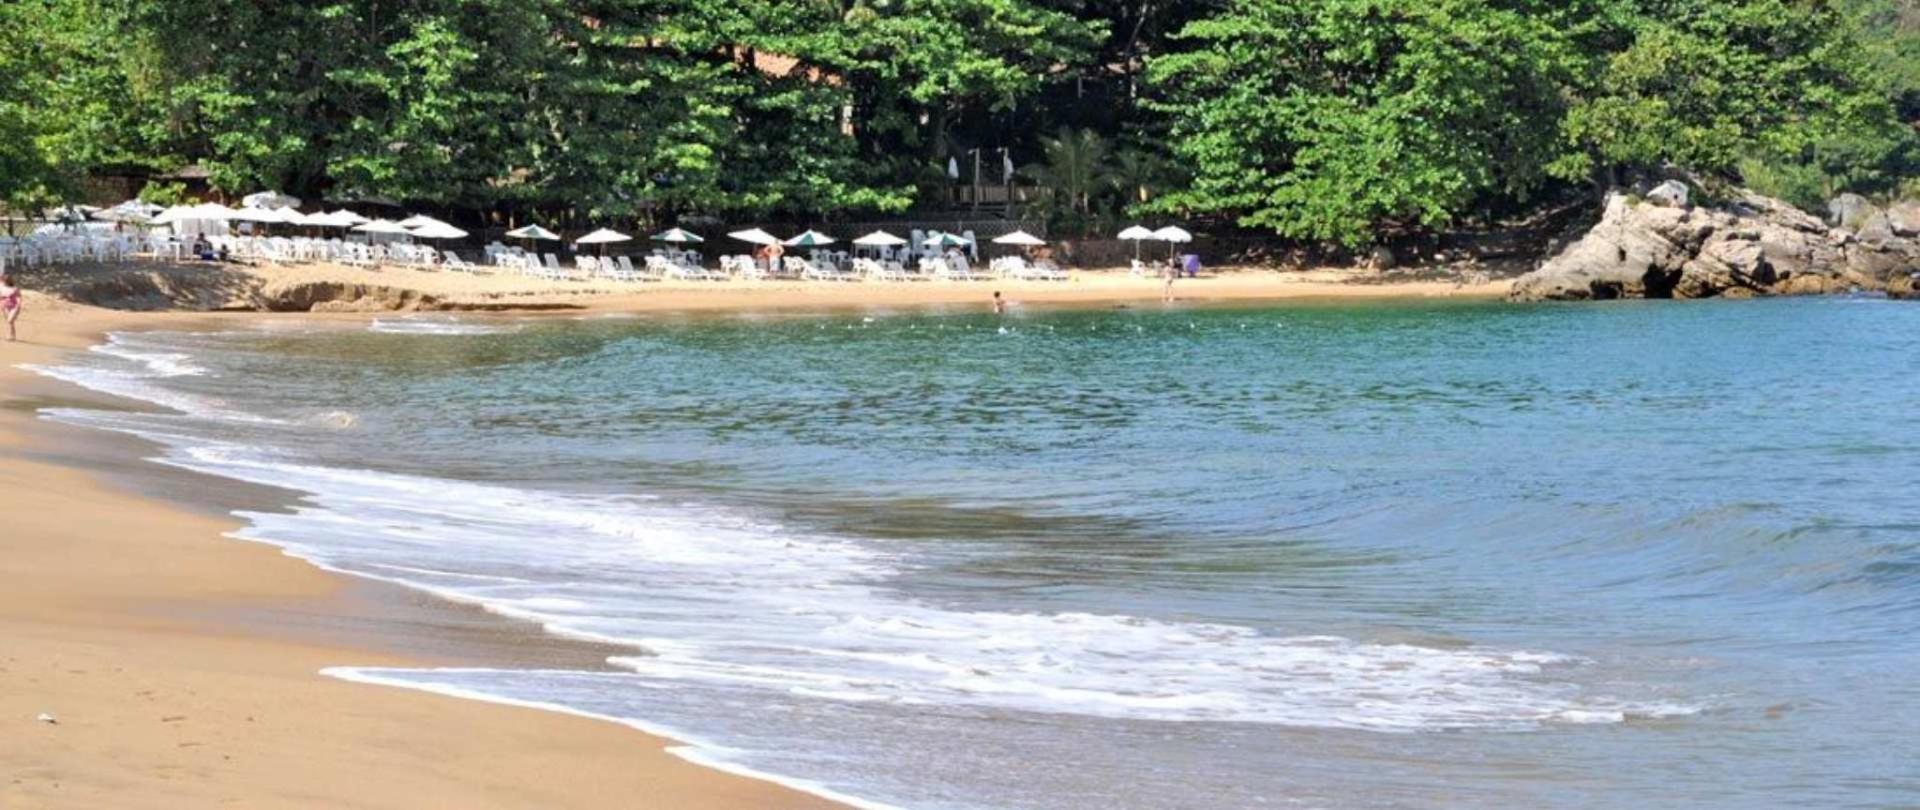 Pousada Praia do Curral